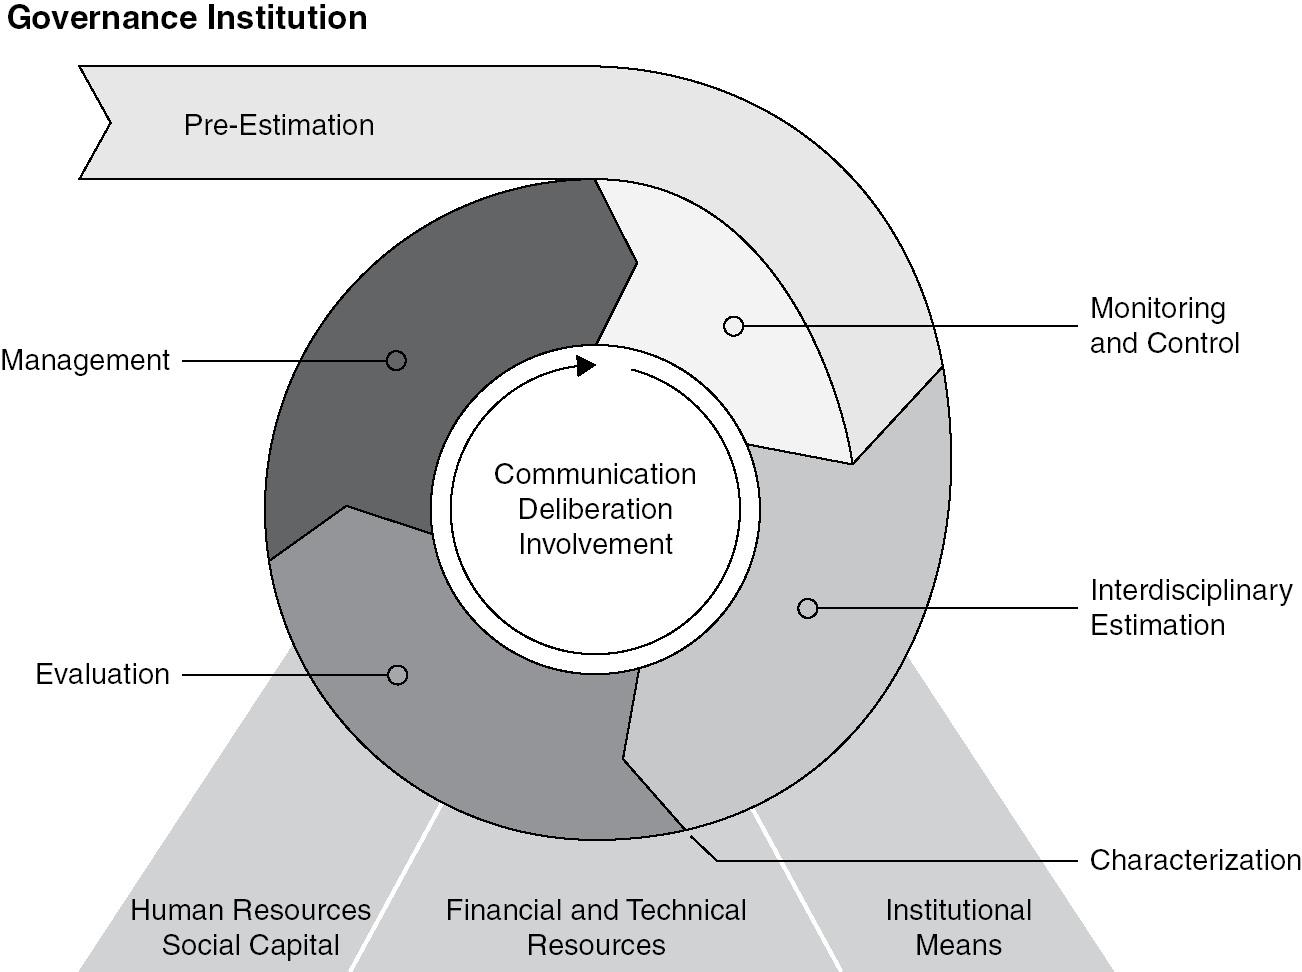 Regulatory Frameworks and Concepts (Part I) - Risk